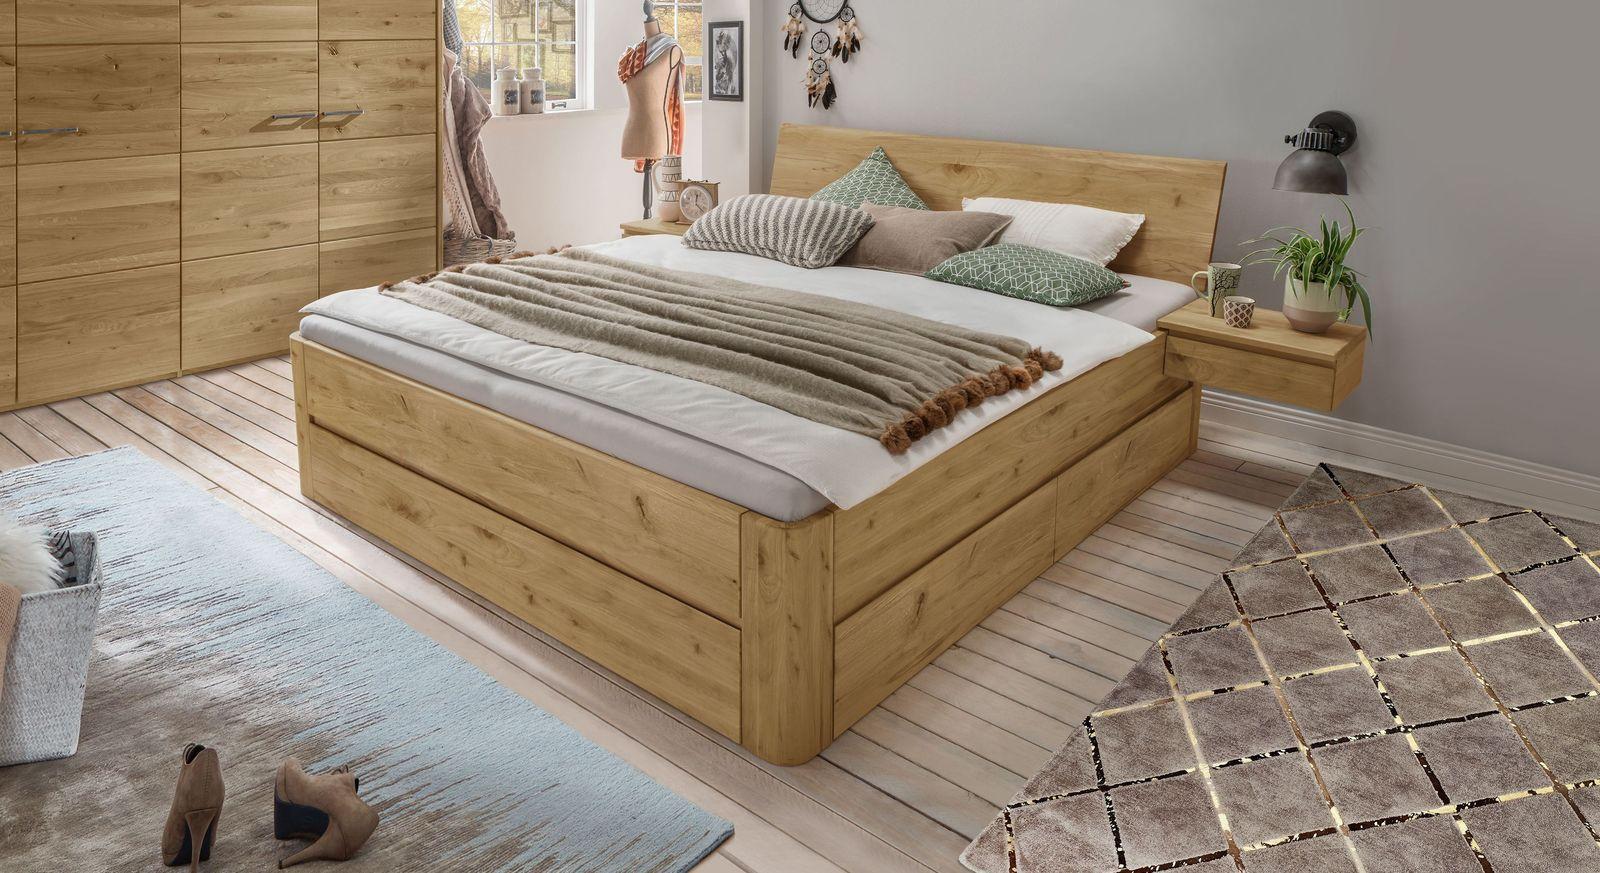 Praktisches Funktions-Bett Wila metallfrei mit Schubkasten aus Echtholz